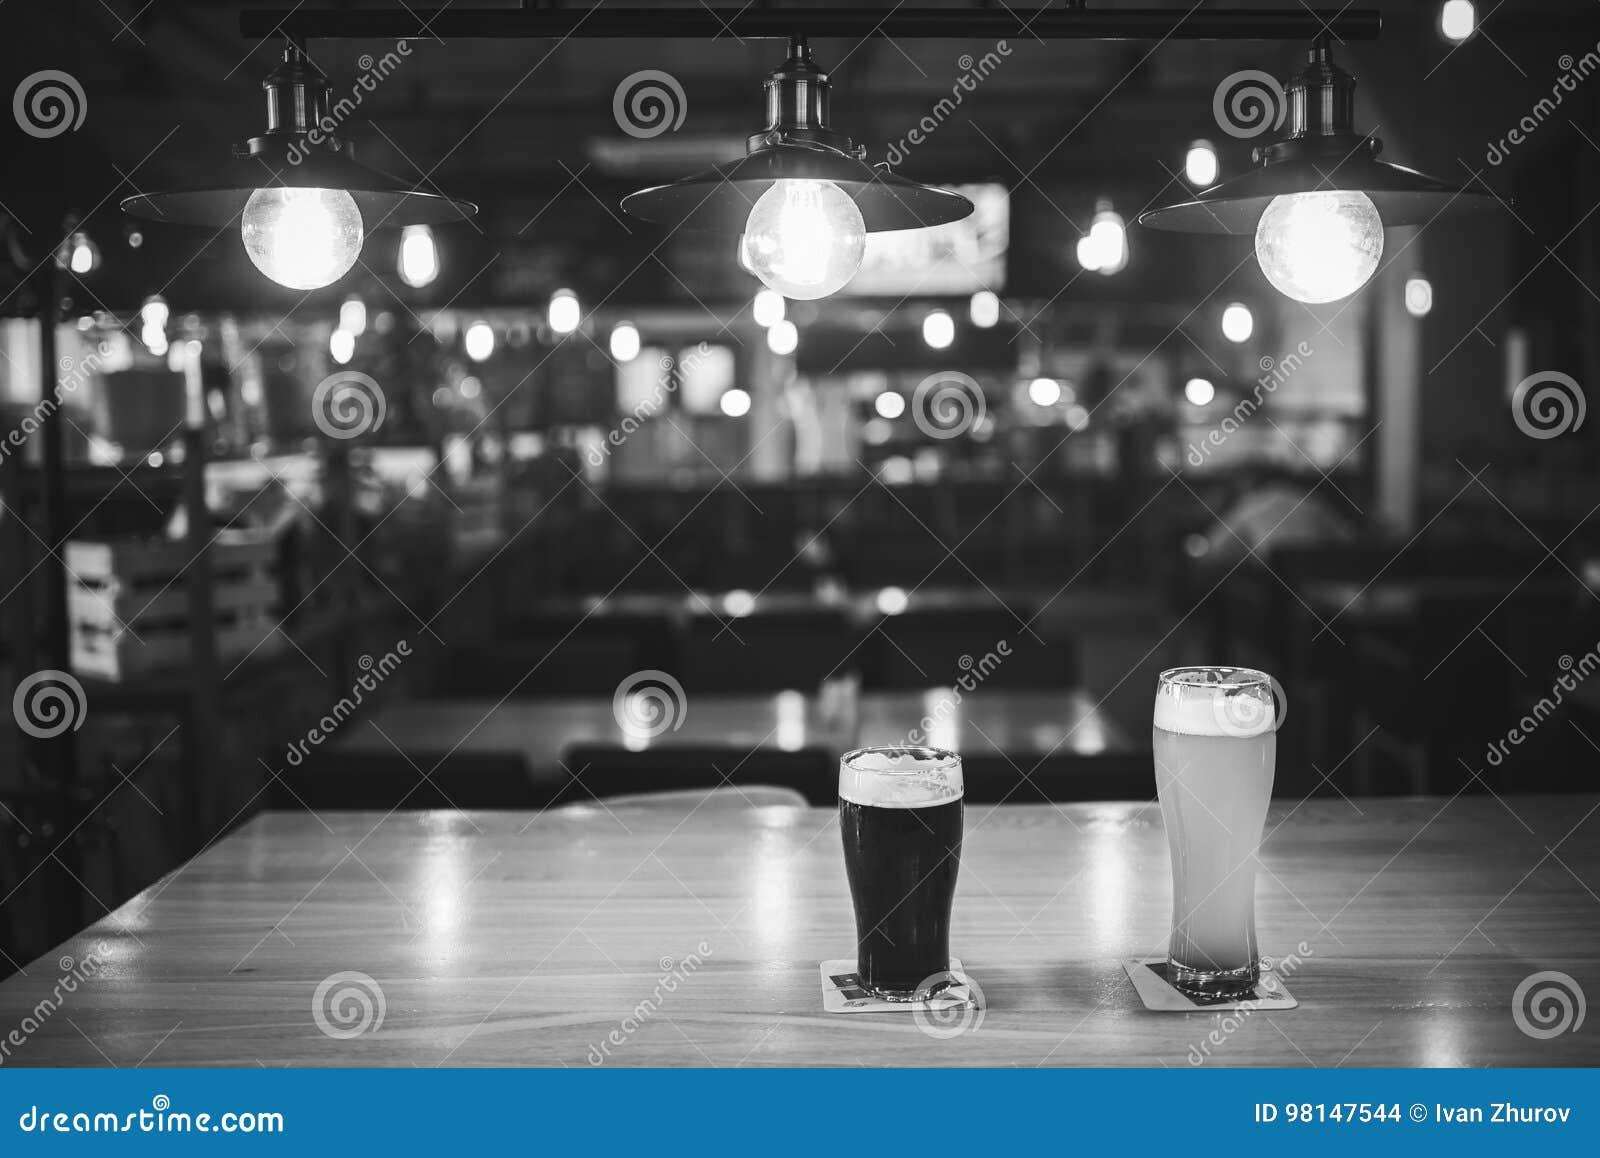 Helles Und Dunkles Bier In Den Gläsern Auf Einer Tabelle In Einer ...